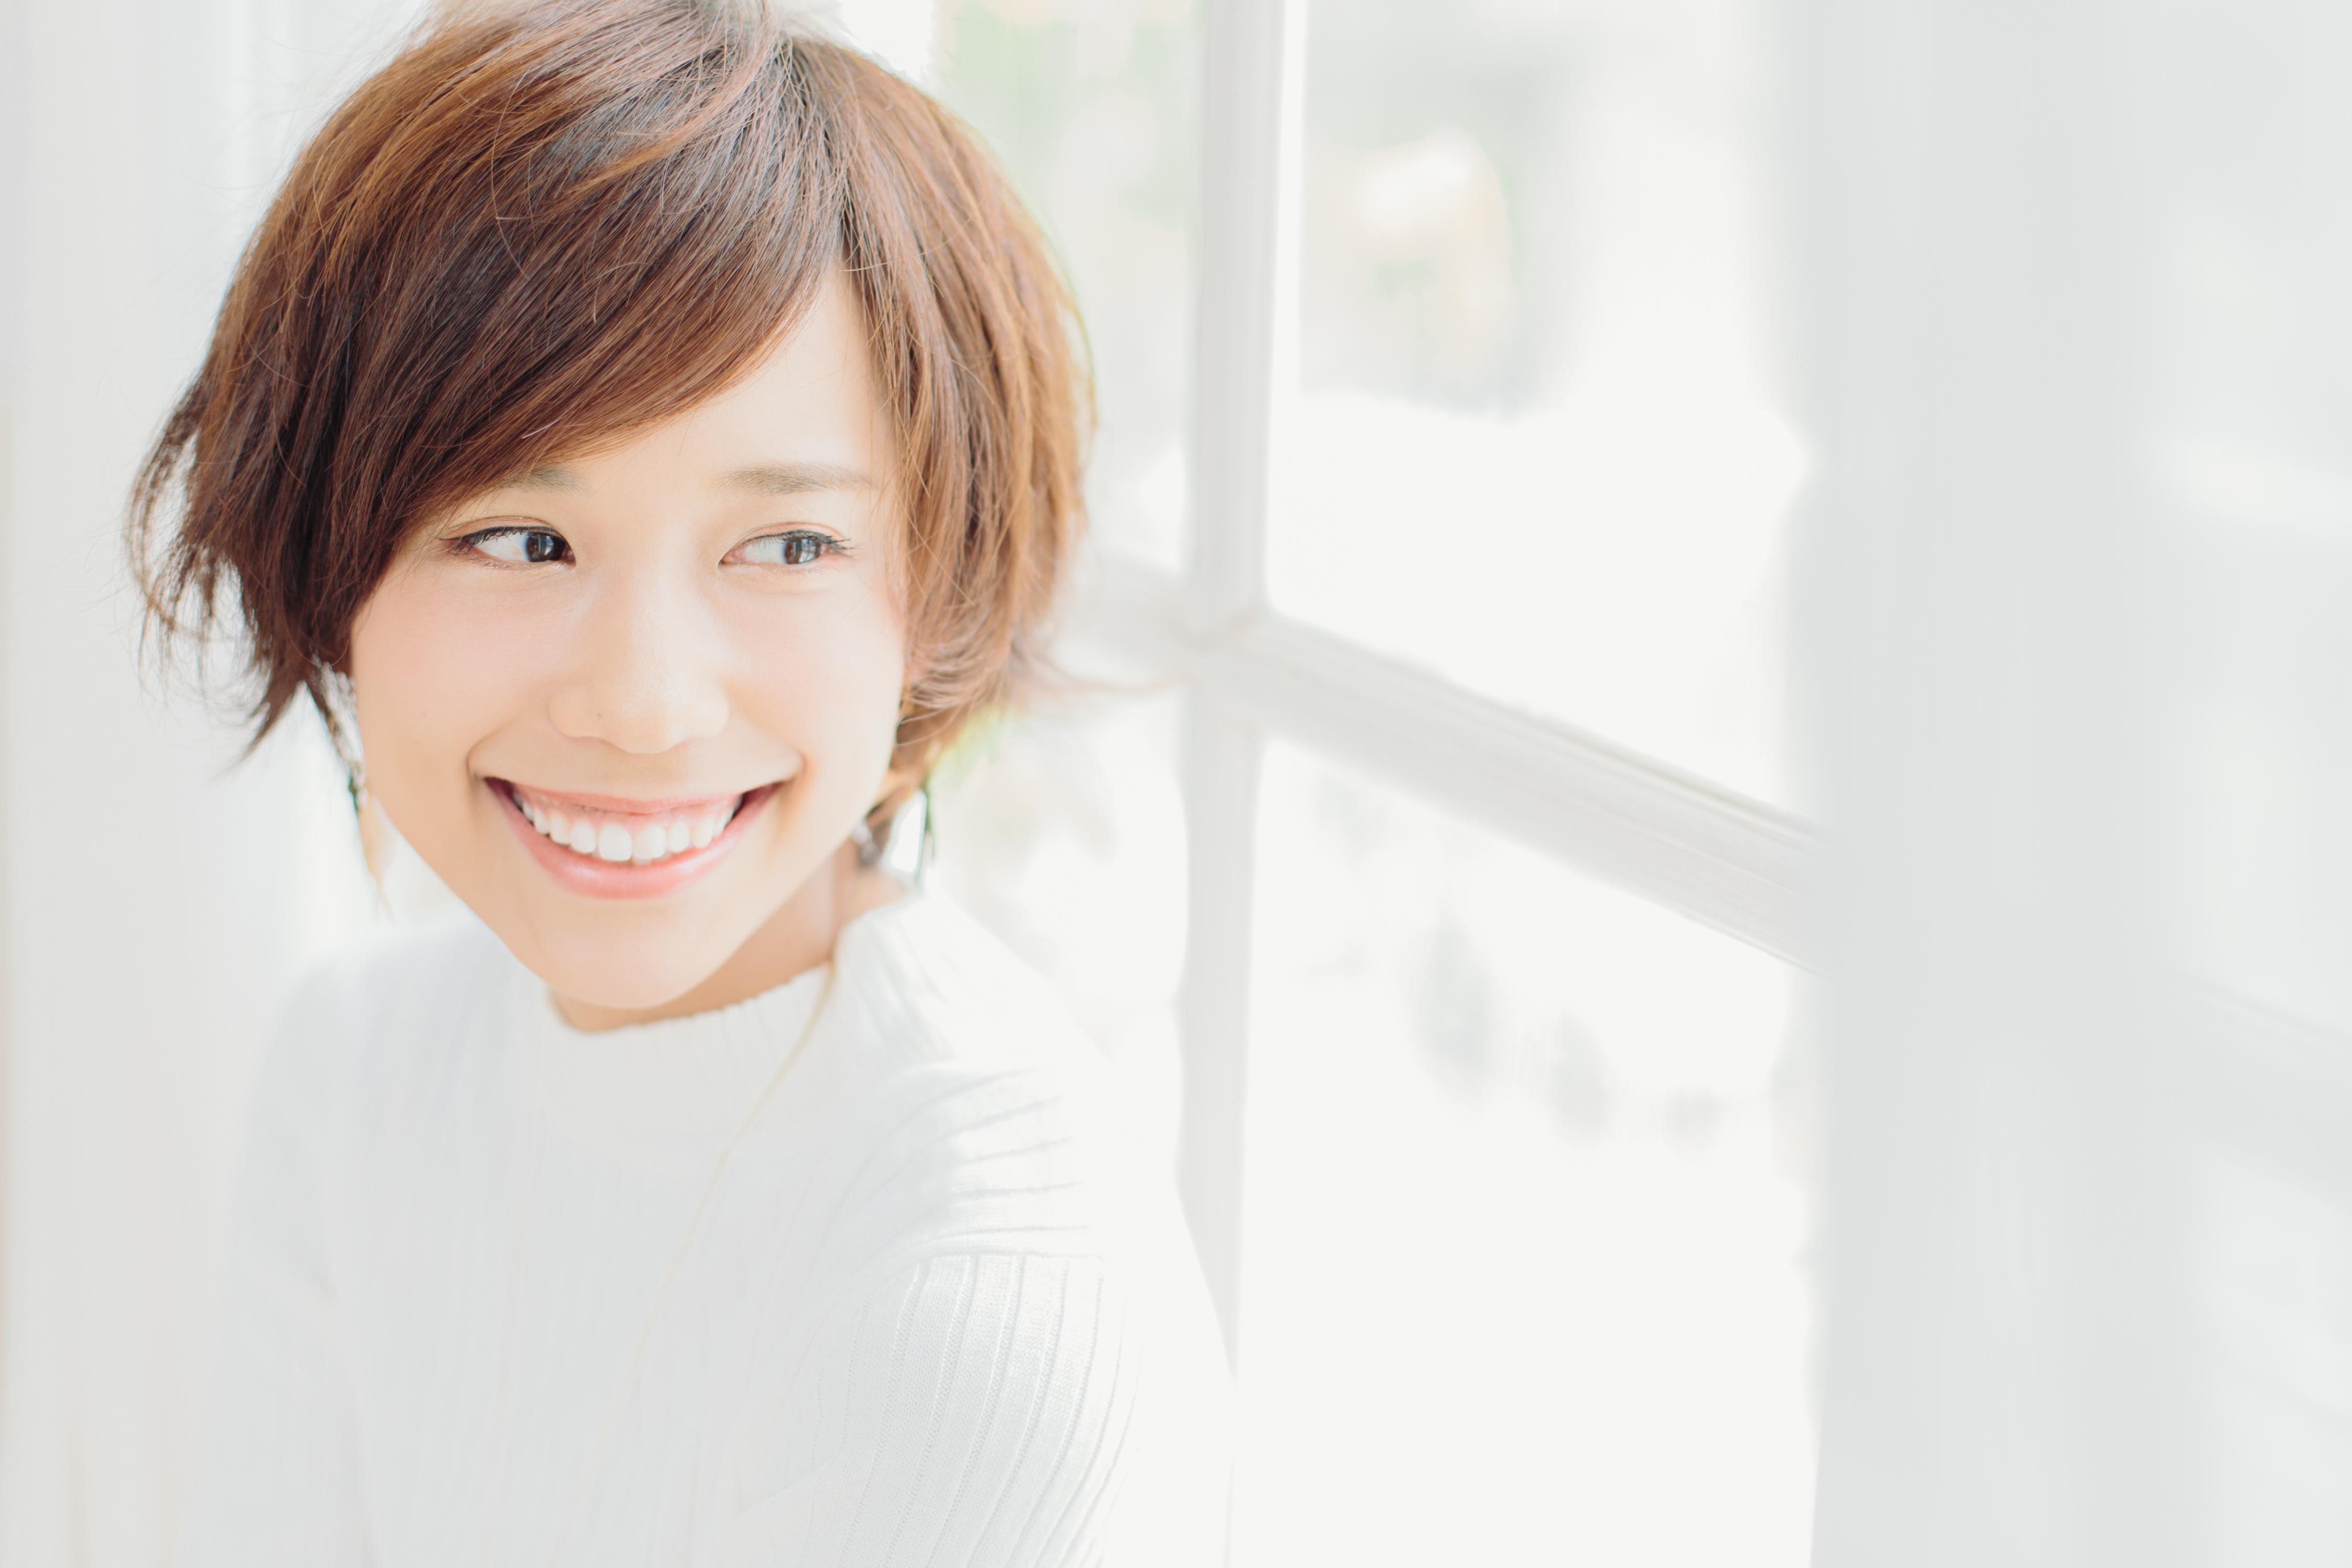 【カット+ハニホコトリートメント¥6800】一人一人に似合う「バランス」が大事!☆